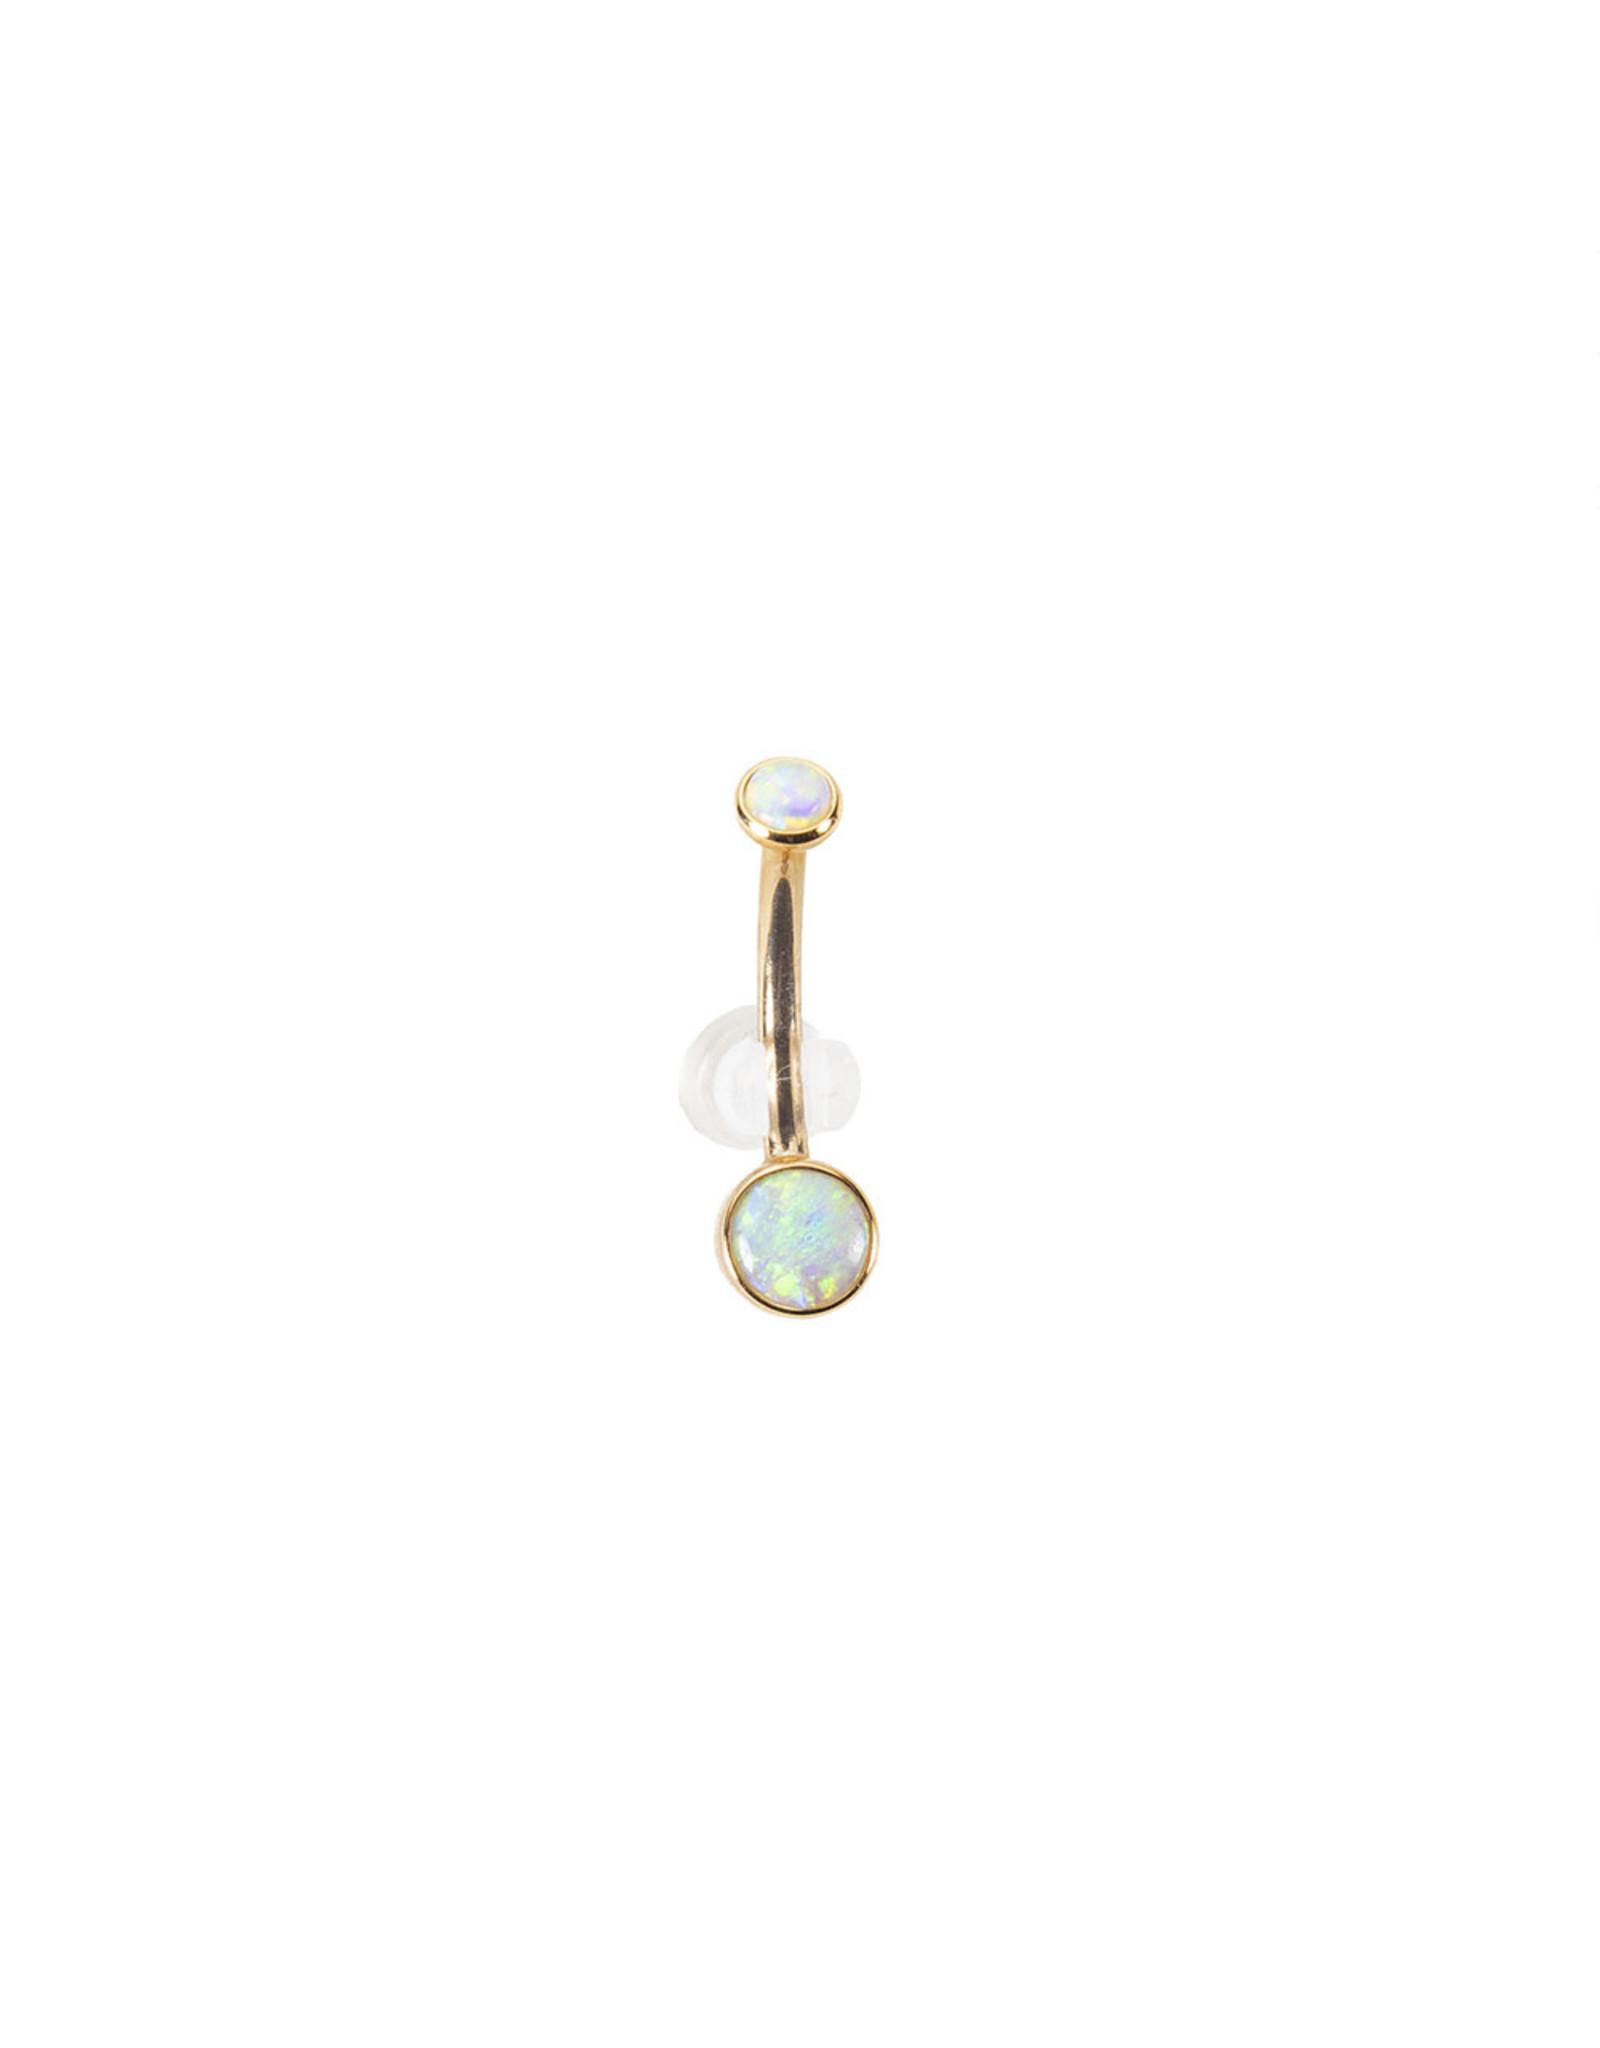 BVLA BVLA 14g 7/16 rose gold 3.0 & 5.0 bezel set AA white opal navel curve